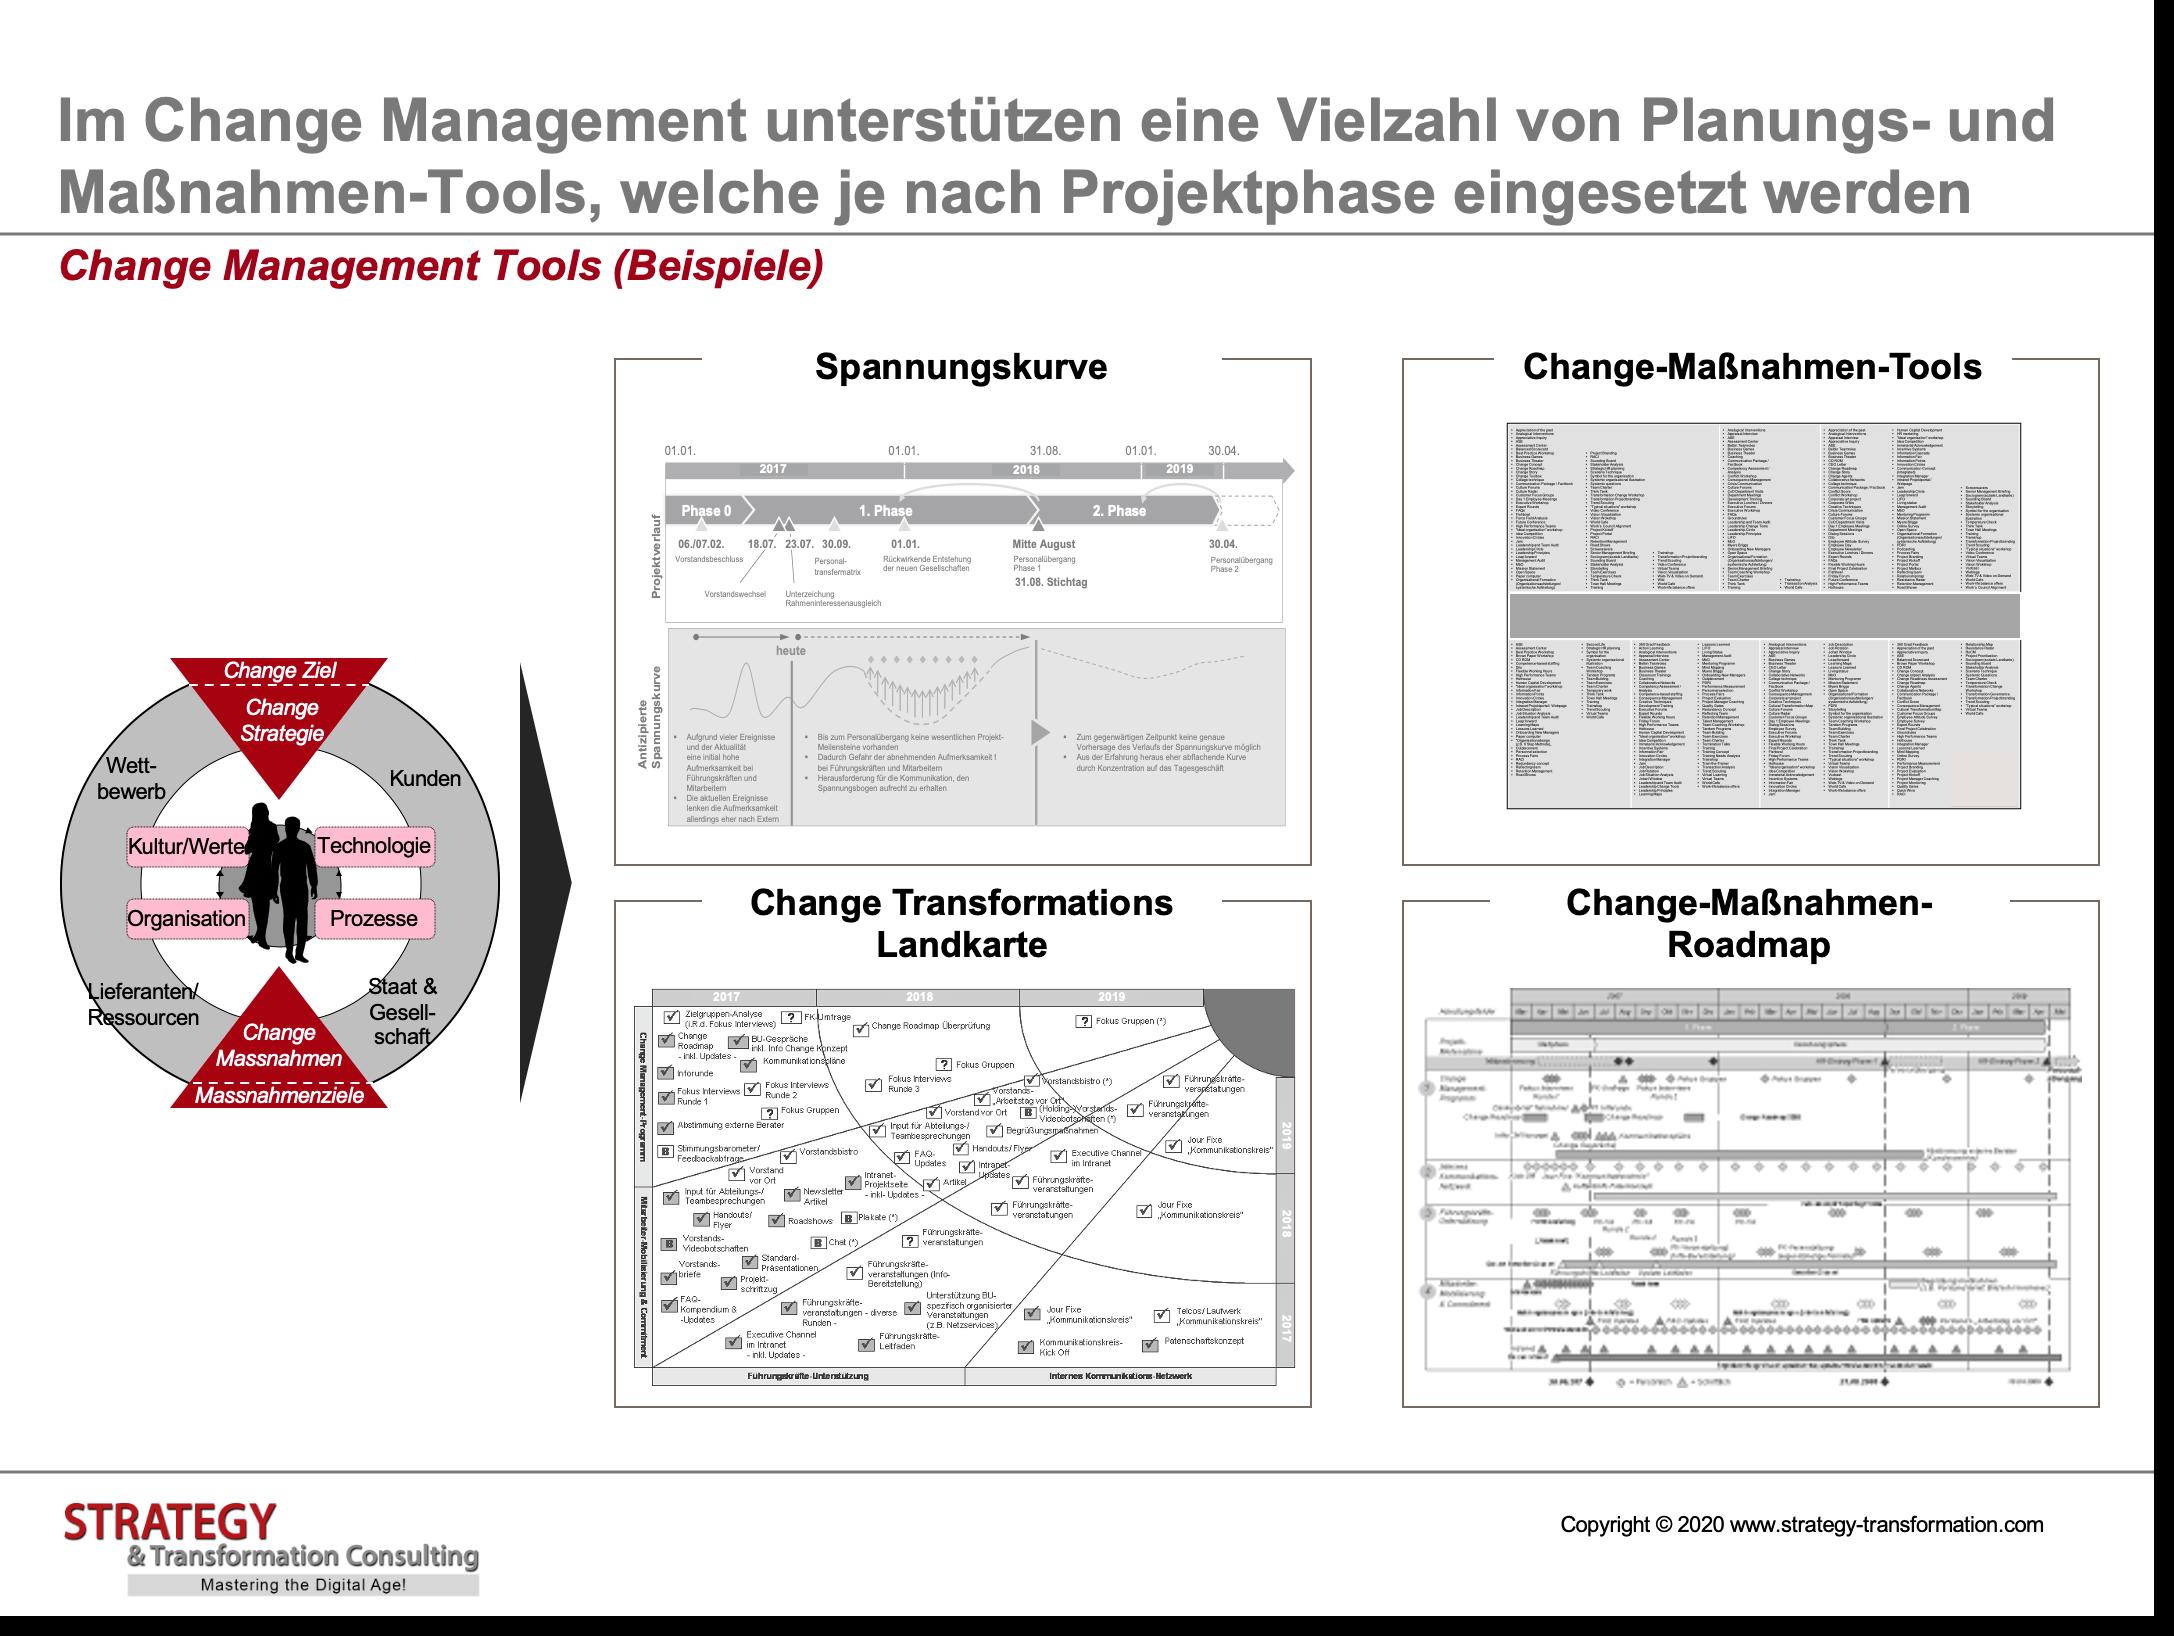 Change Management Tools (Beispiele)